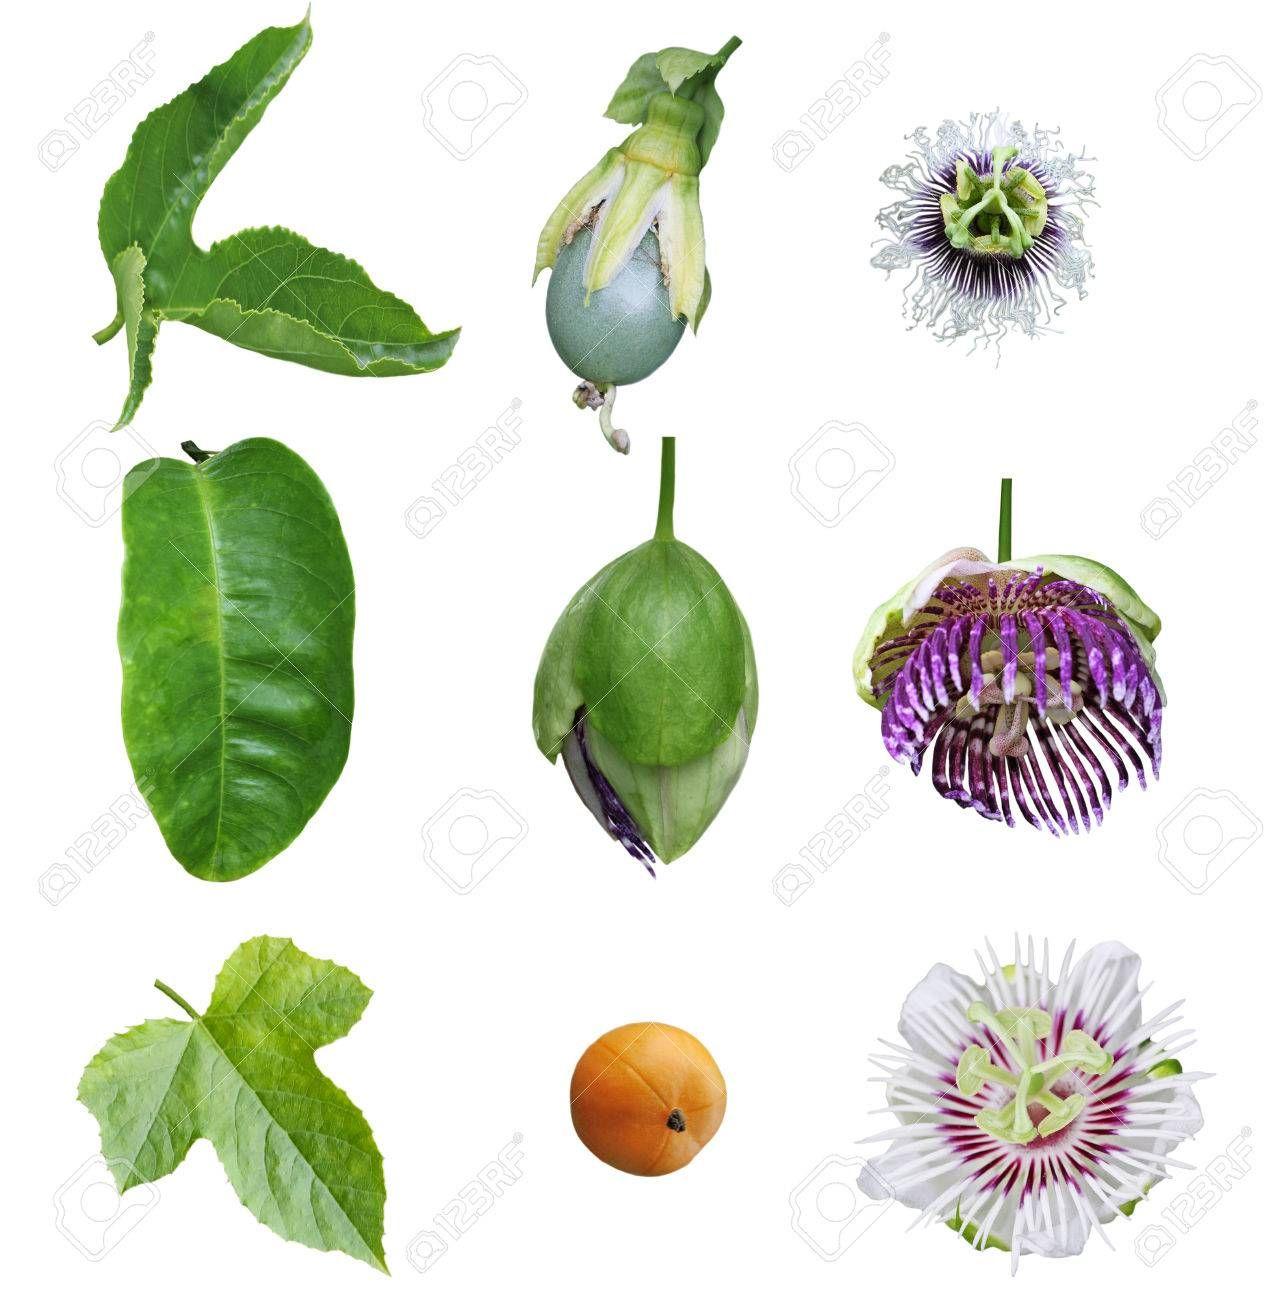 Pin van Michelle H. op Passiflora